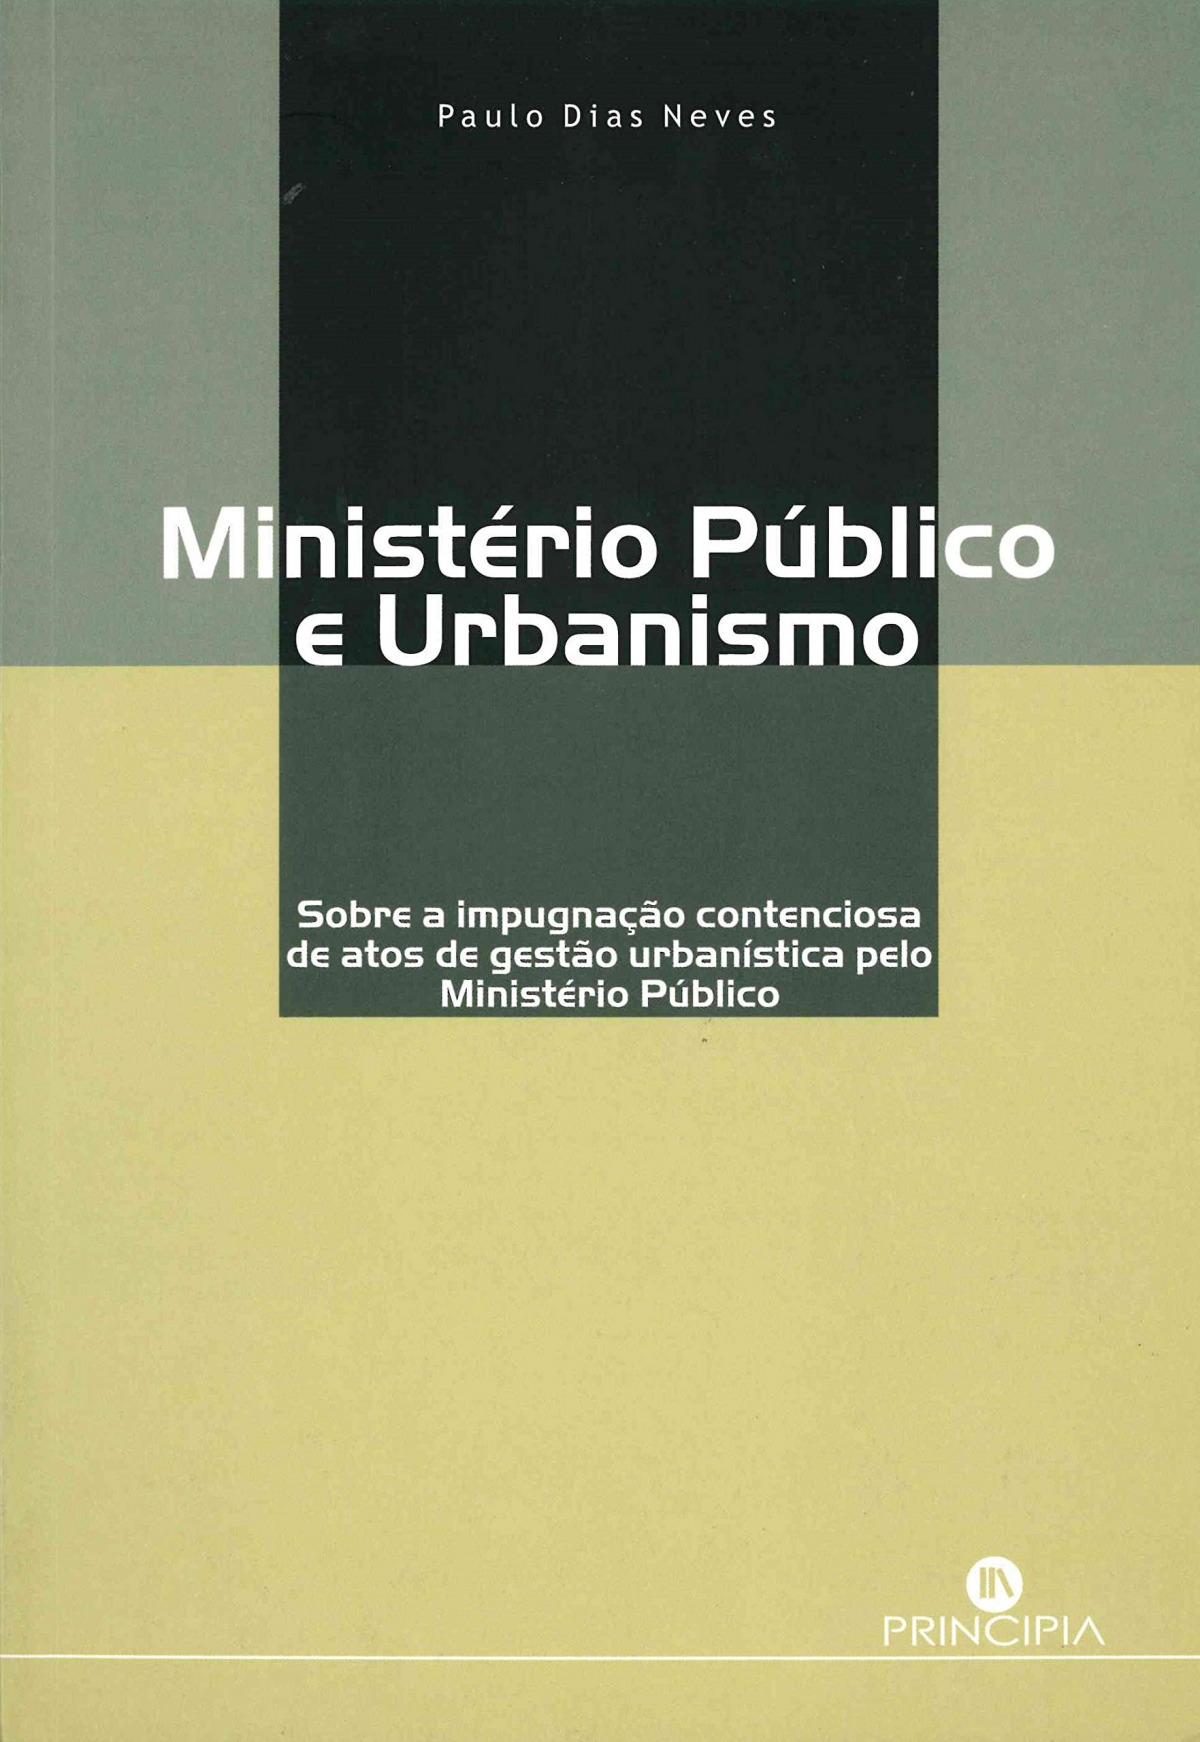 Ministerio Publico e Urbanismo